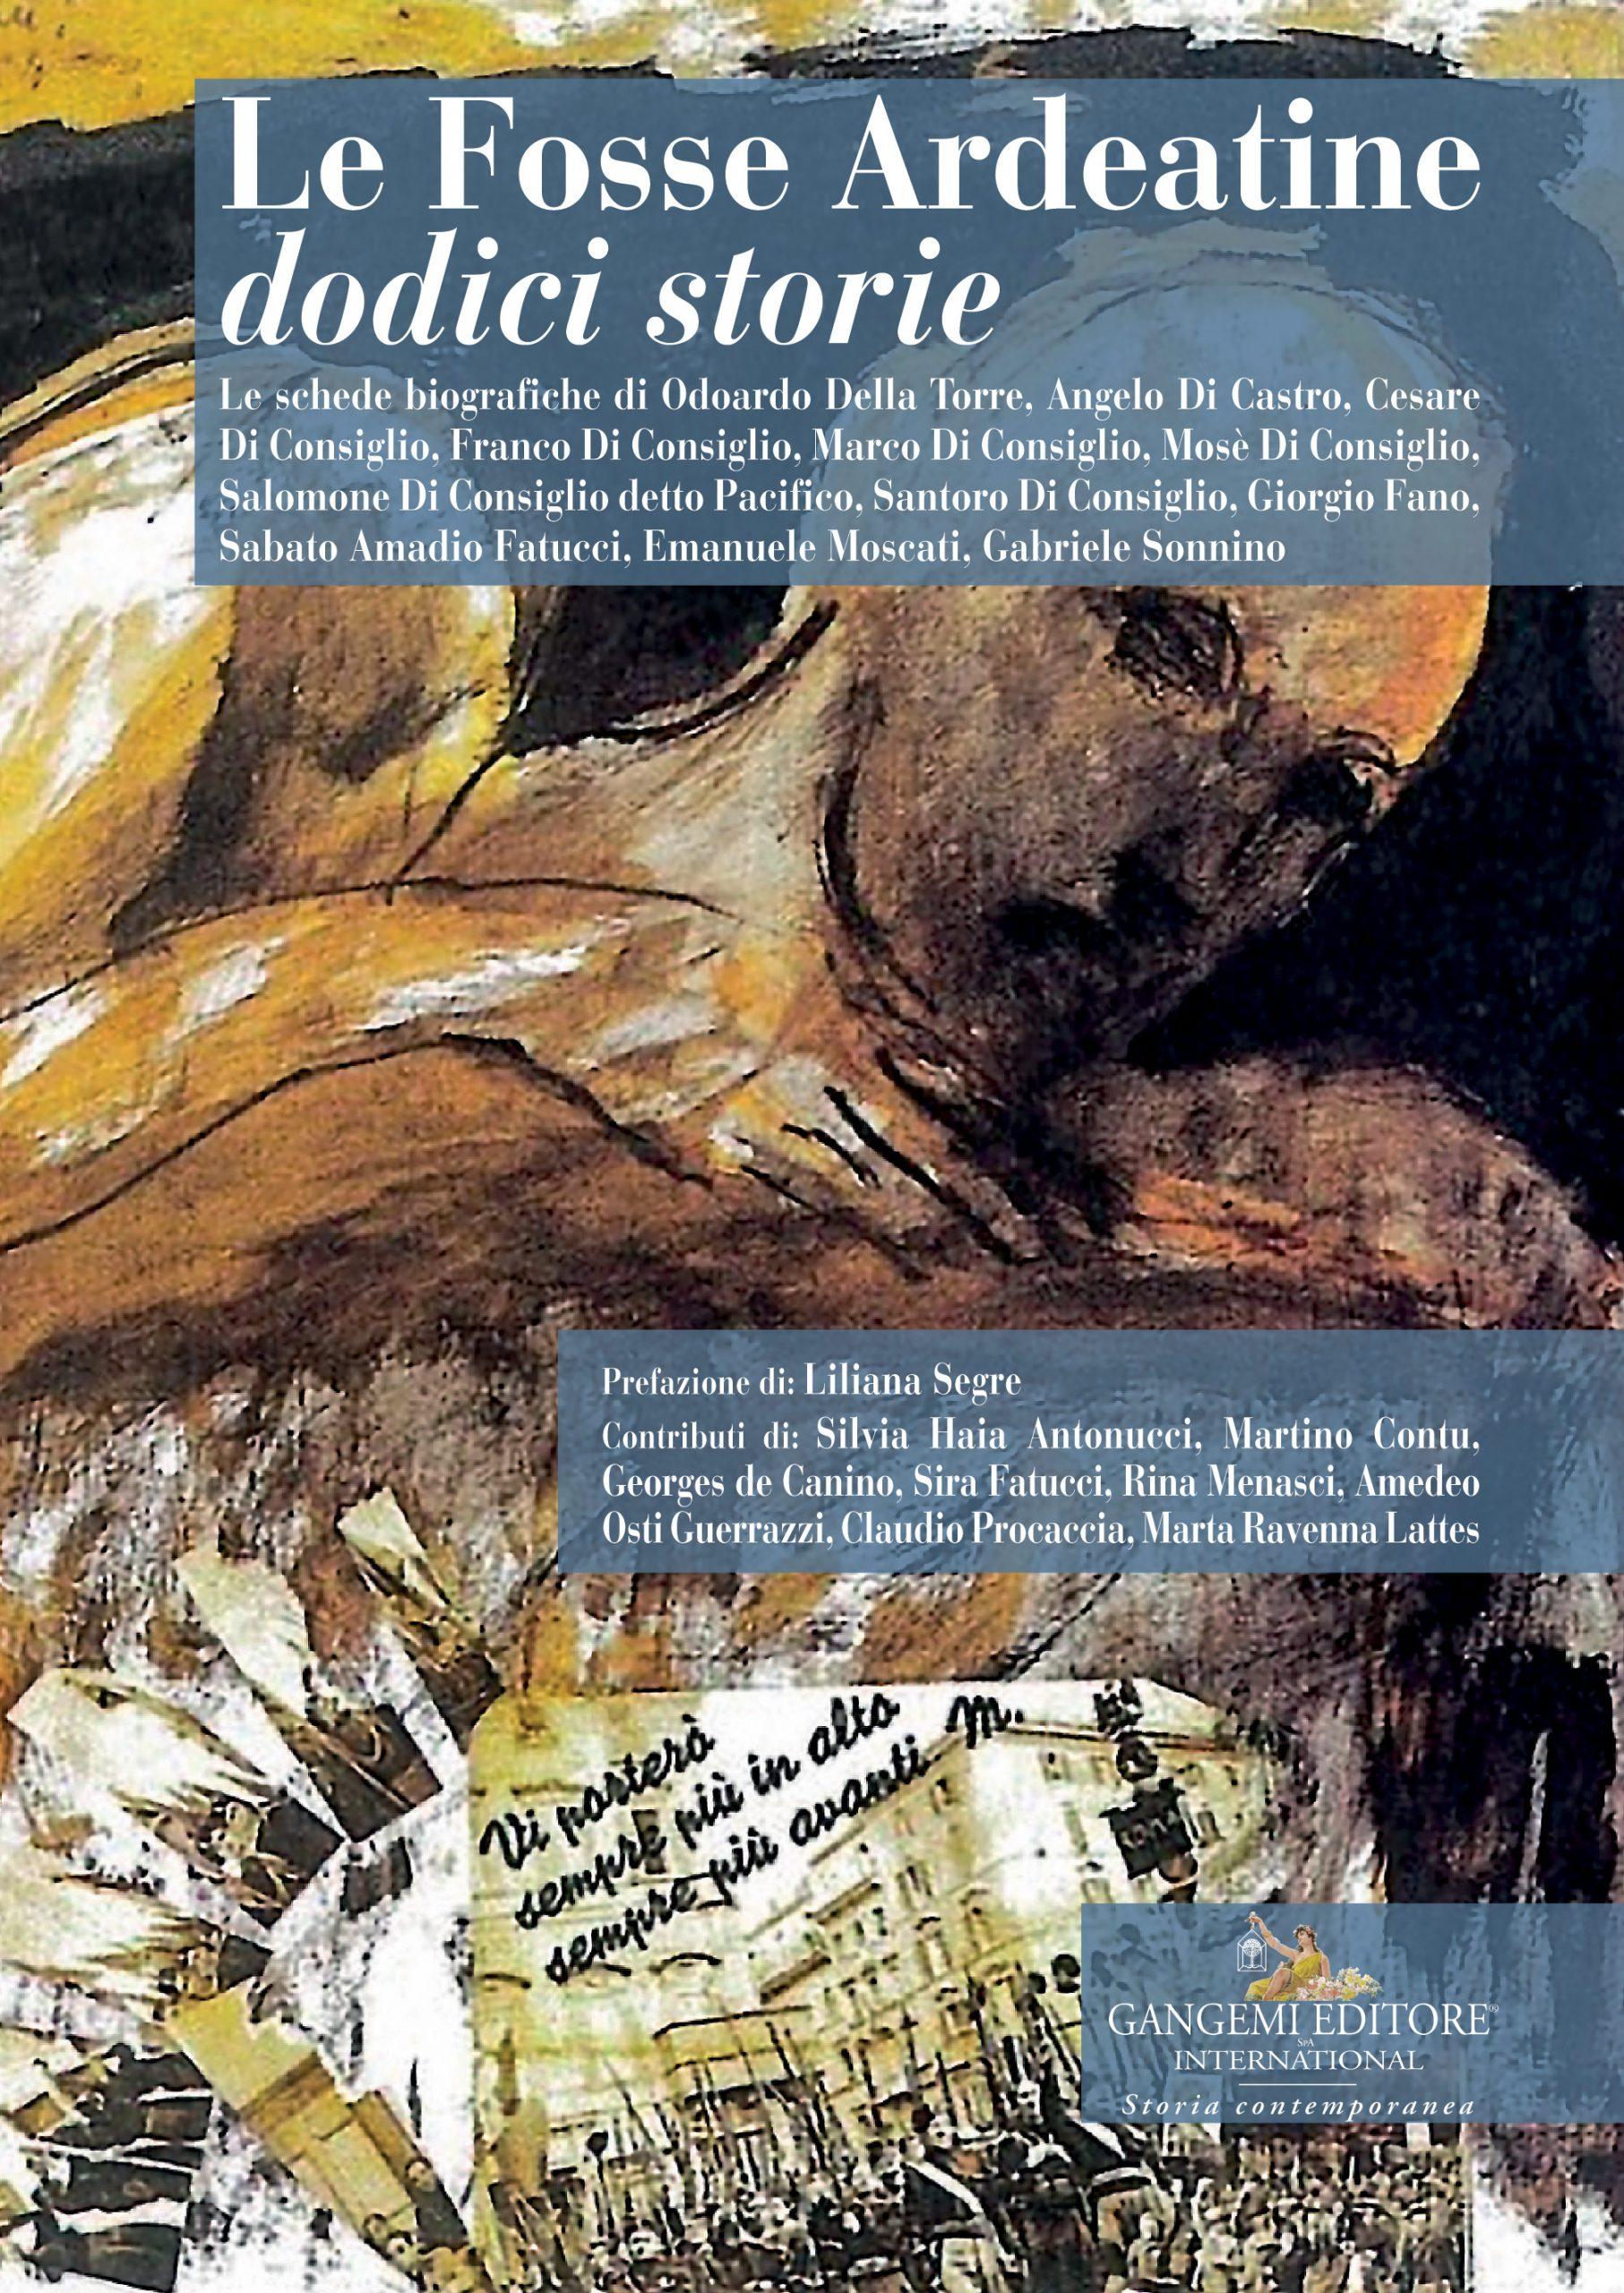 Le Fosse Ardeatine: dodici storie